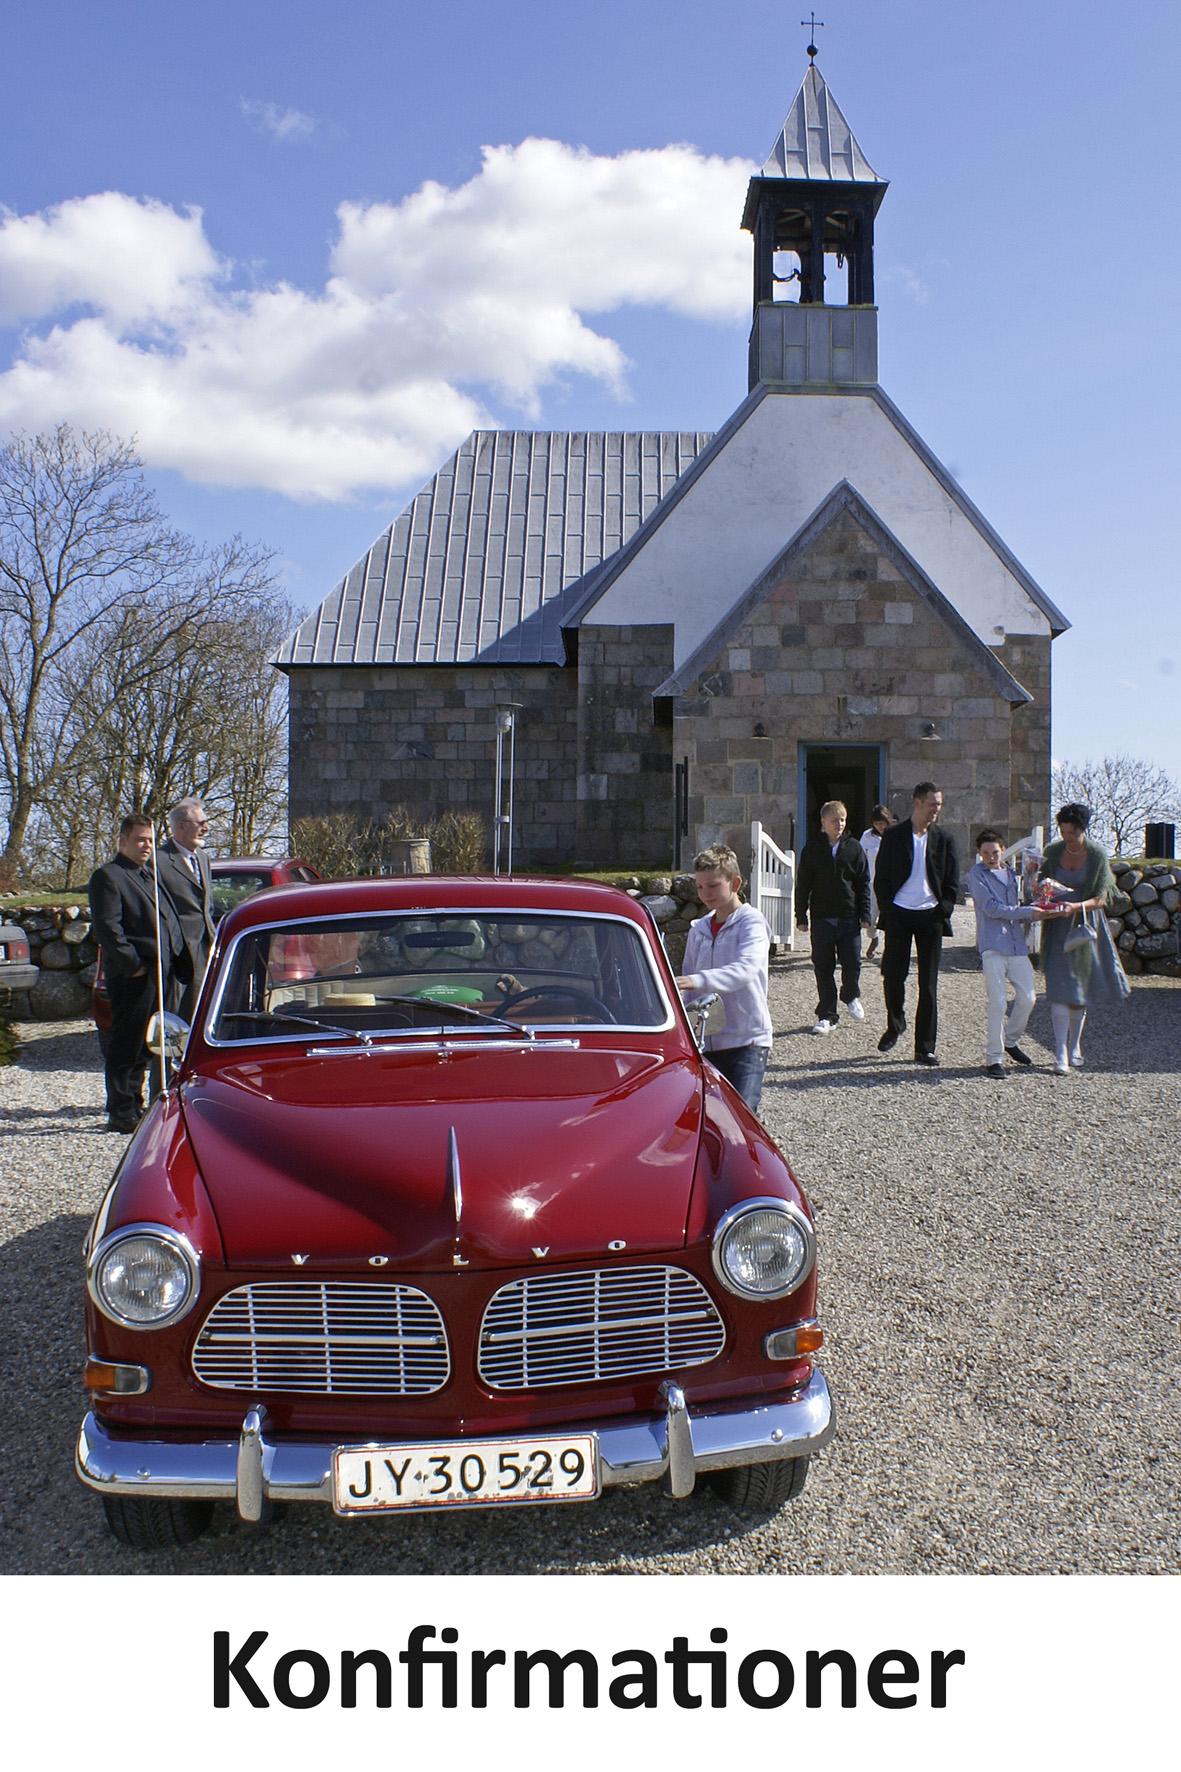 LindFoto.dk Randers - Konfirmationer - fotografering ved kirken